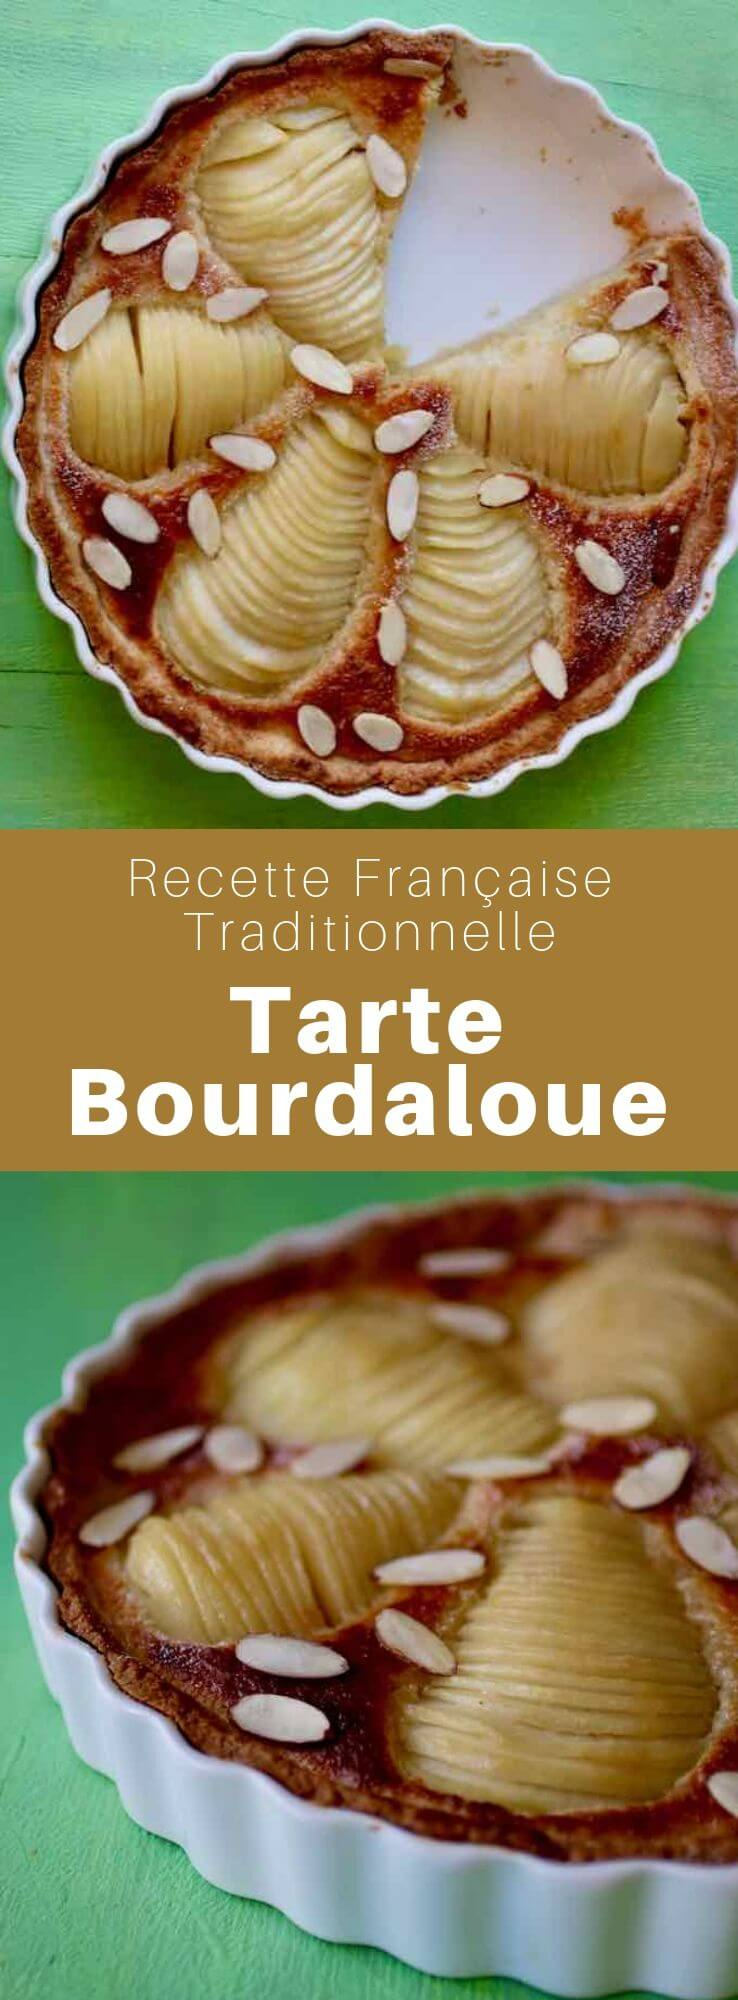 La tarte Bourdaloue est une tarte à la crème d'amande et aux poires pochées, qui a été créée au milieu du XIXe siècle dans une pâtisserie parisienne. #France #PatisserieFrancaise #RecetteFrancaise #CuisineFrancaise #CuisineDuMonde #196flavors